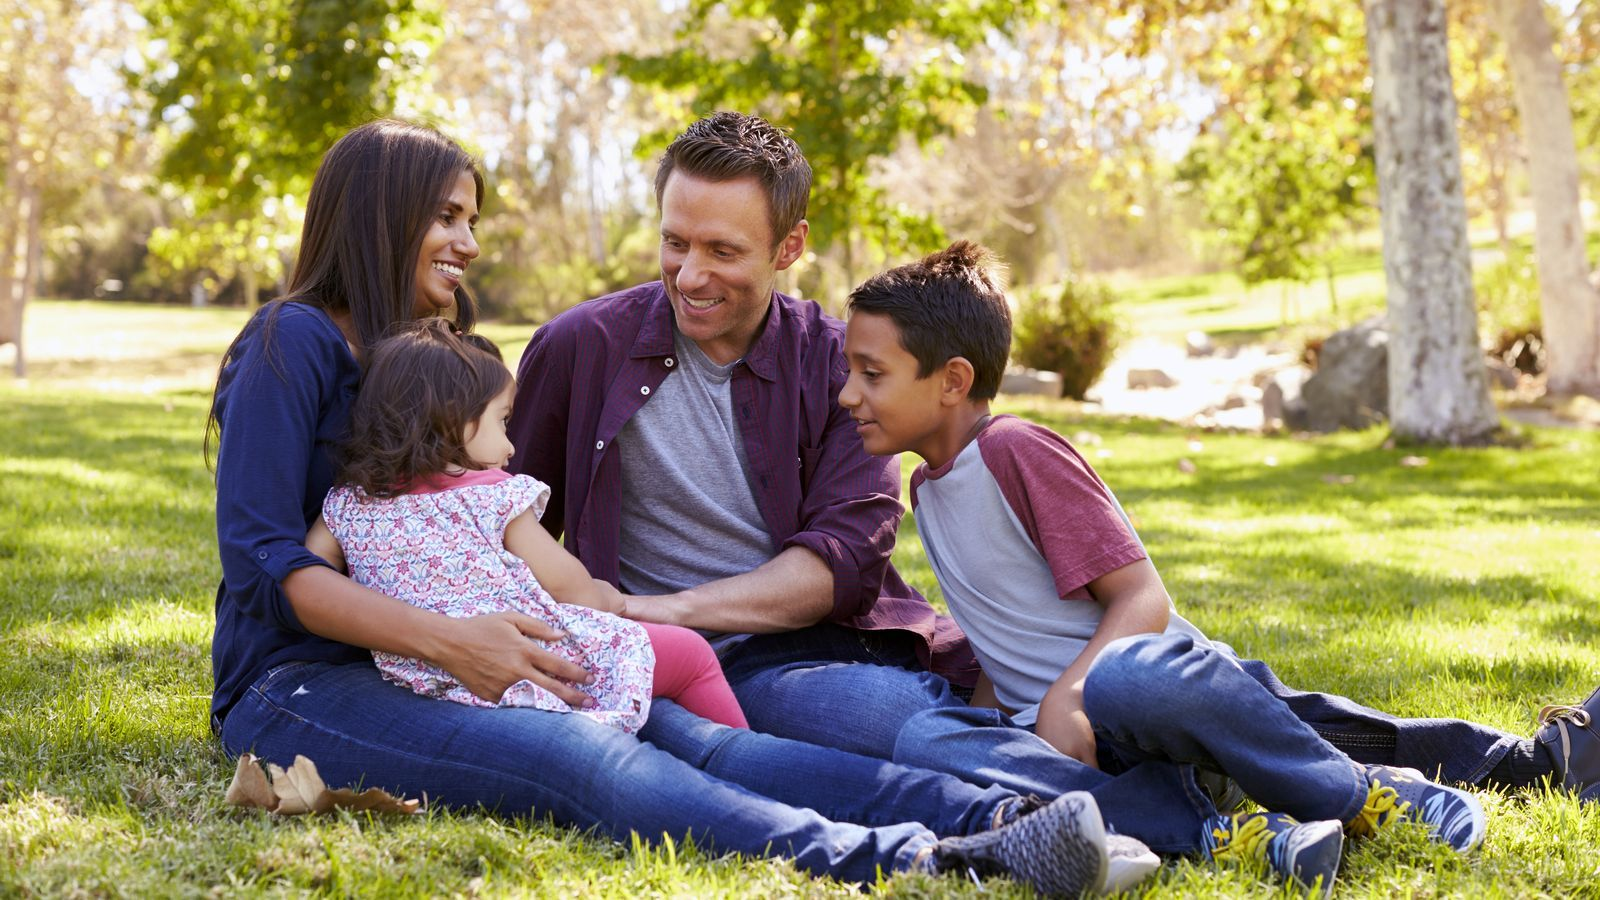 Sobreprotecció i hiperpaternitat, els grans perills per a les famílies